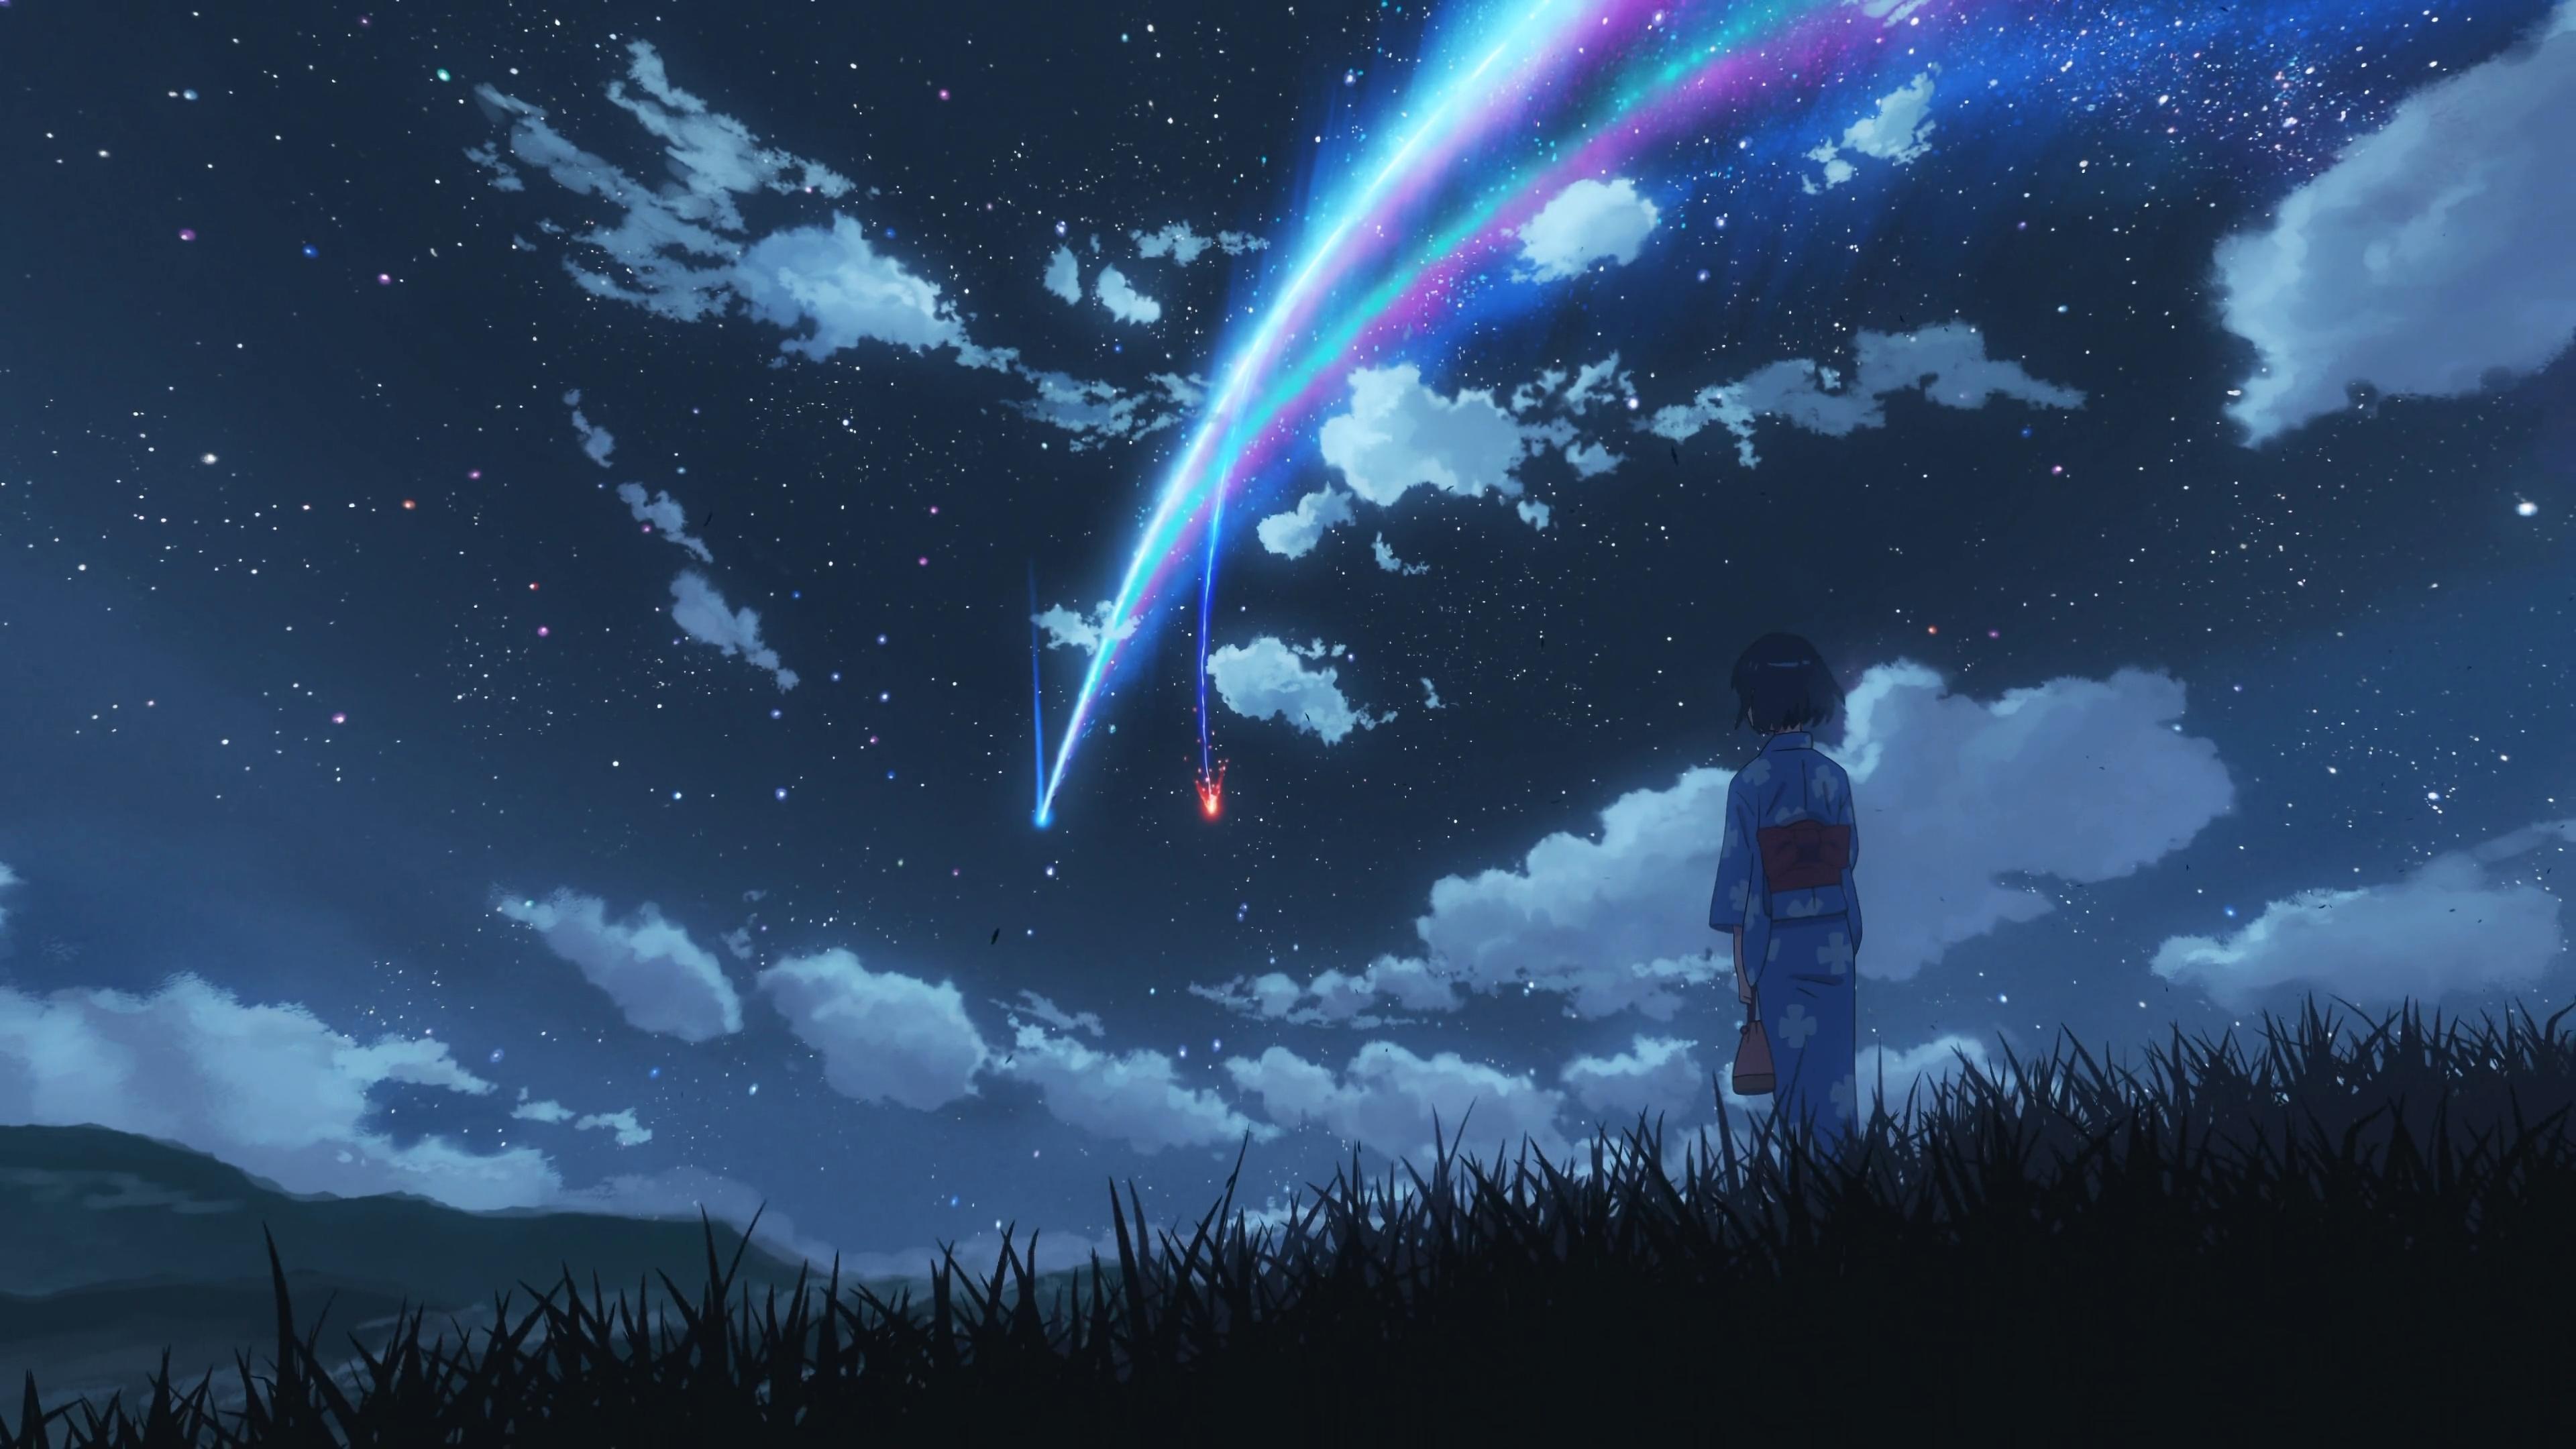 Anime 3840x2160 Makoto Shinkai Kimi No Na Wa Kimi No Na Wa